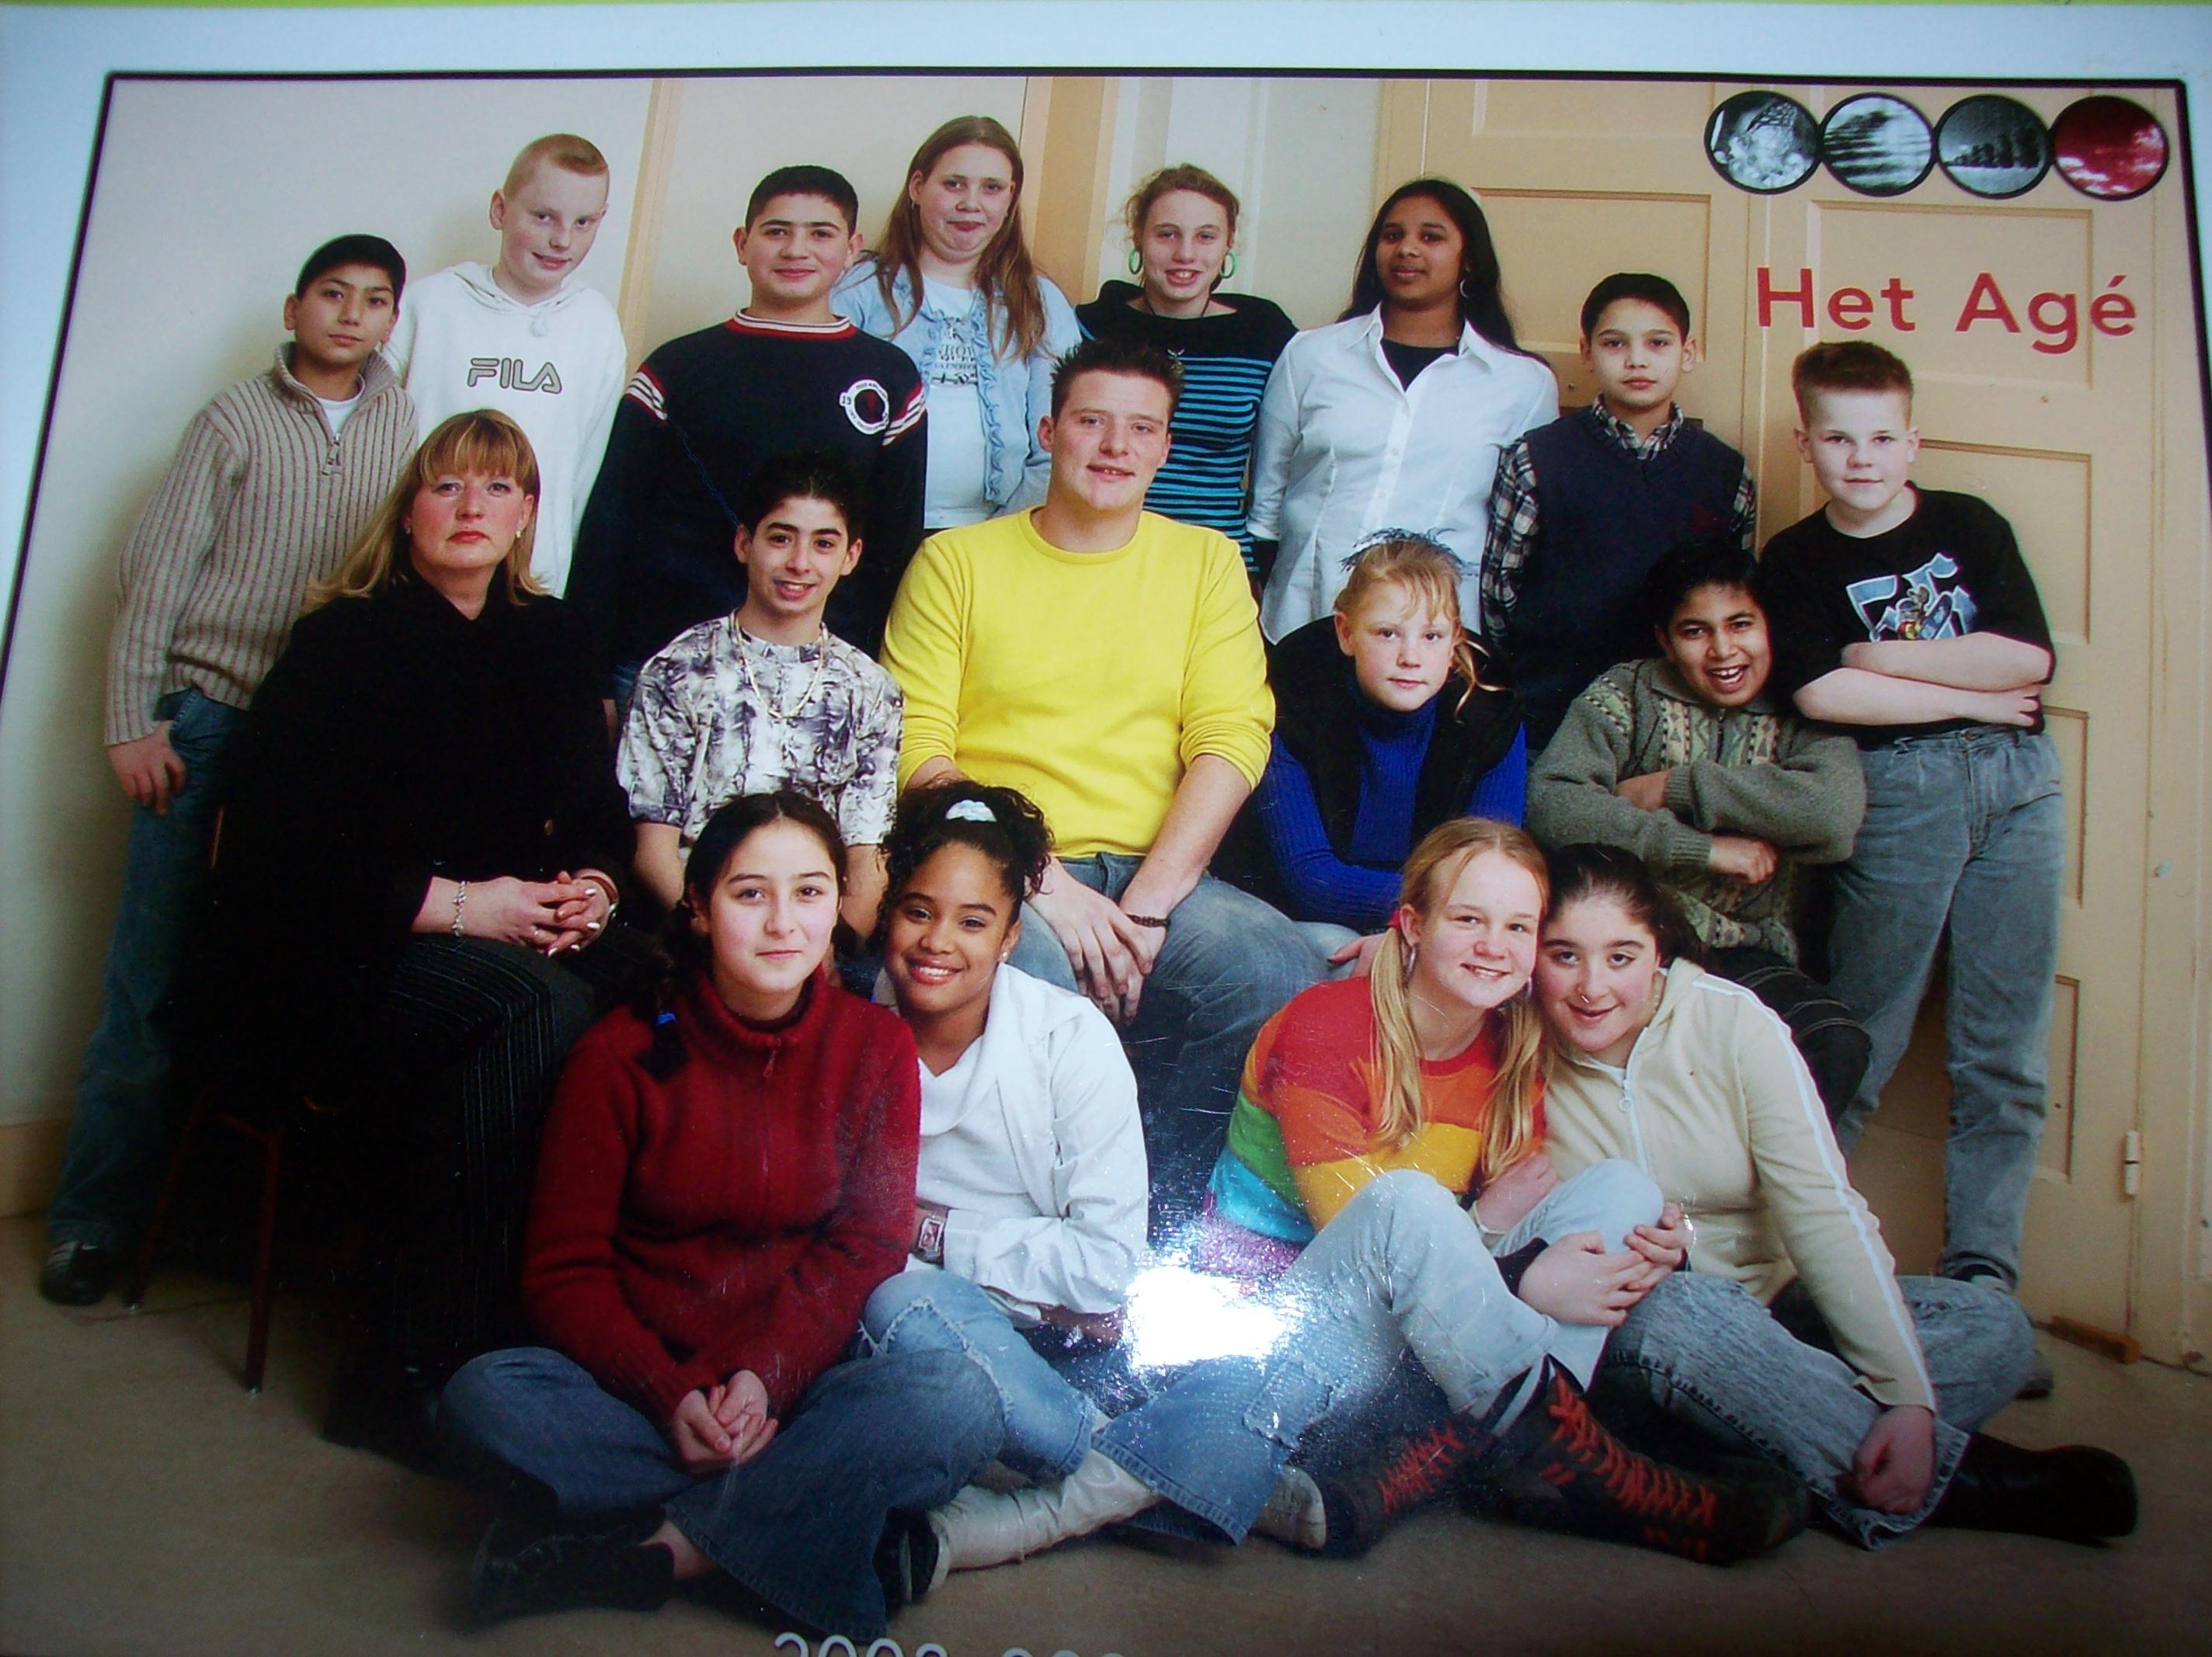 SSBO Het Age foto